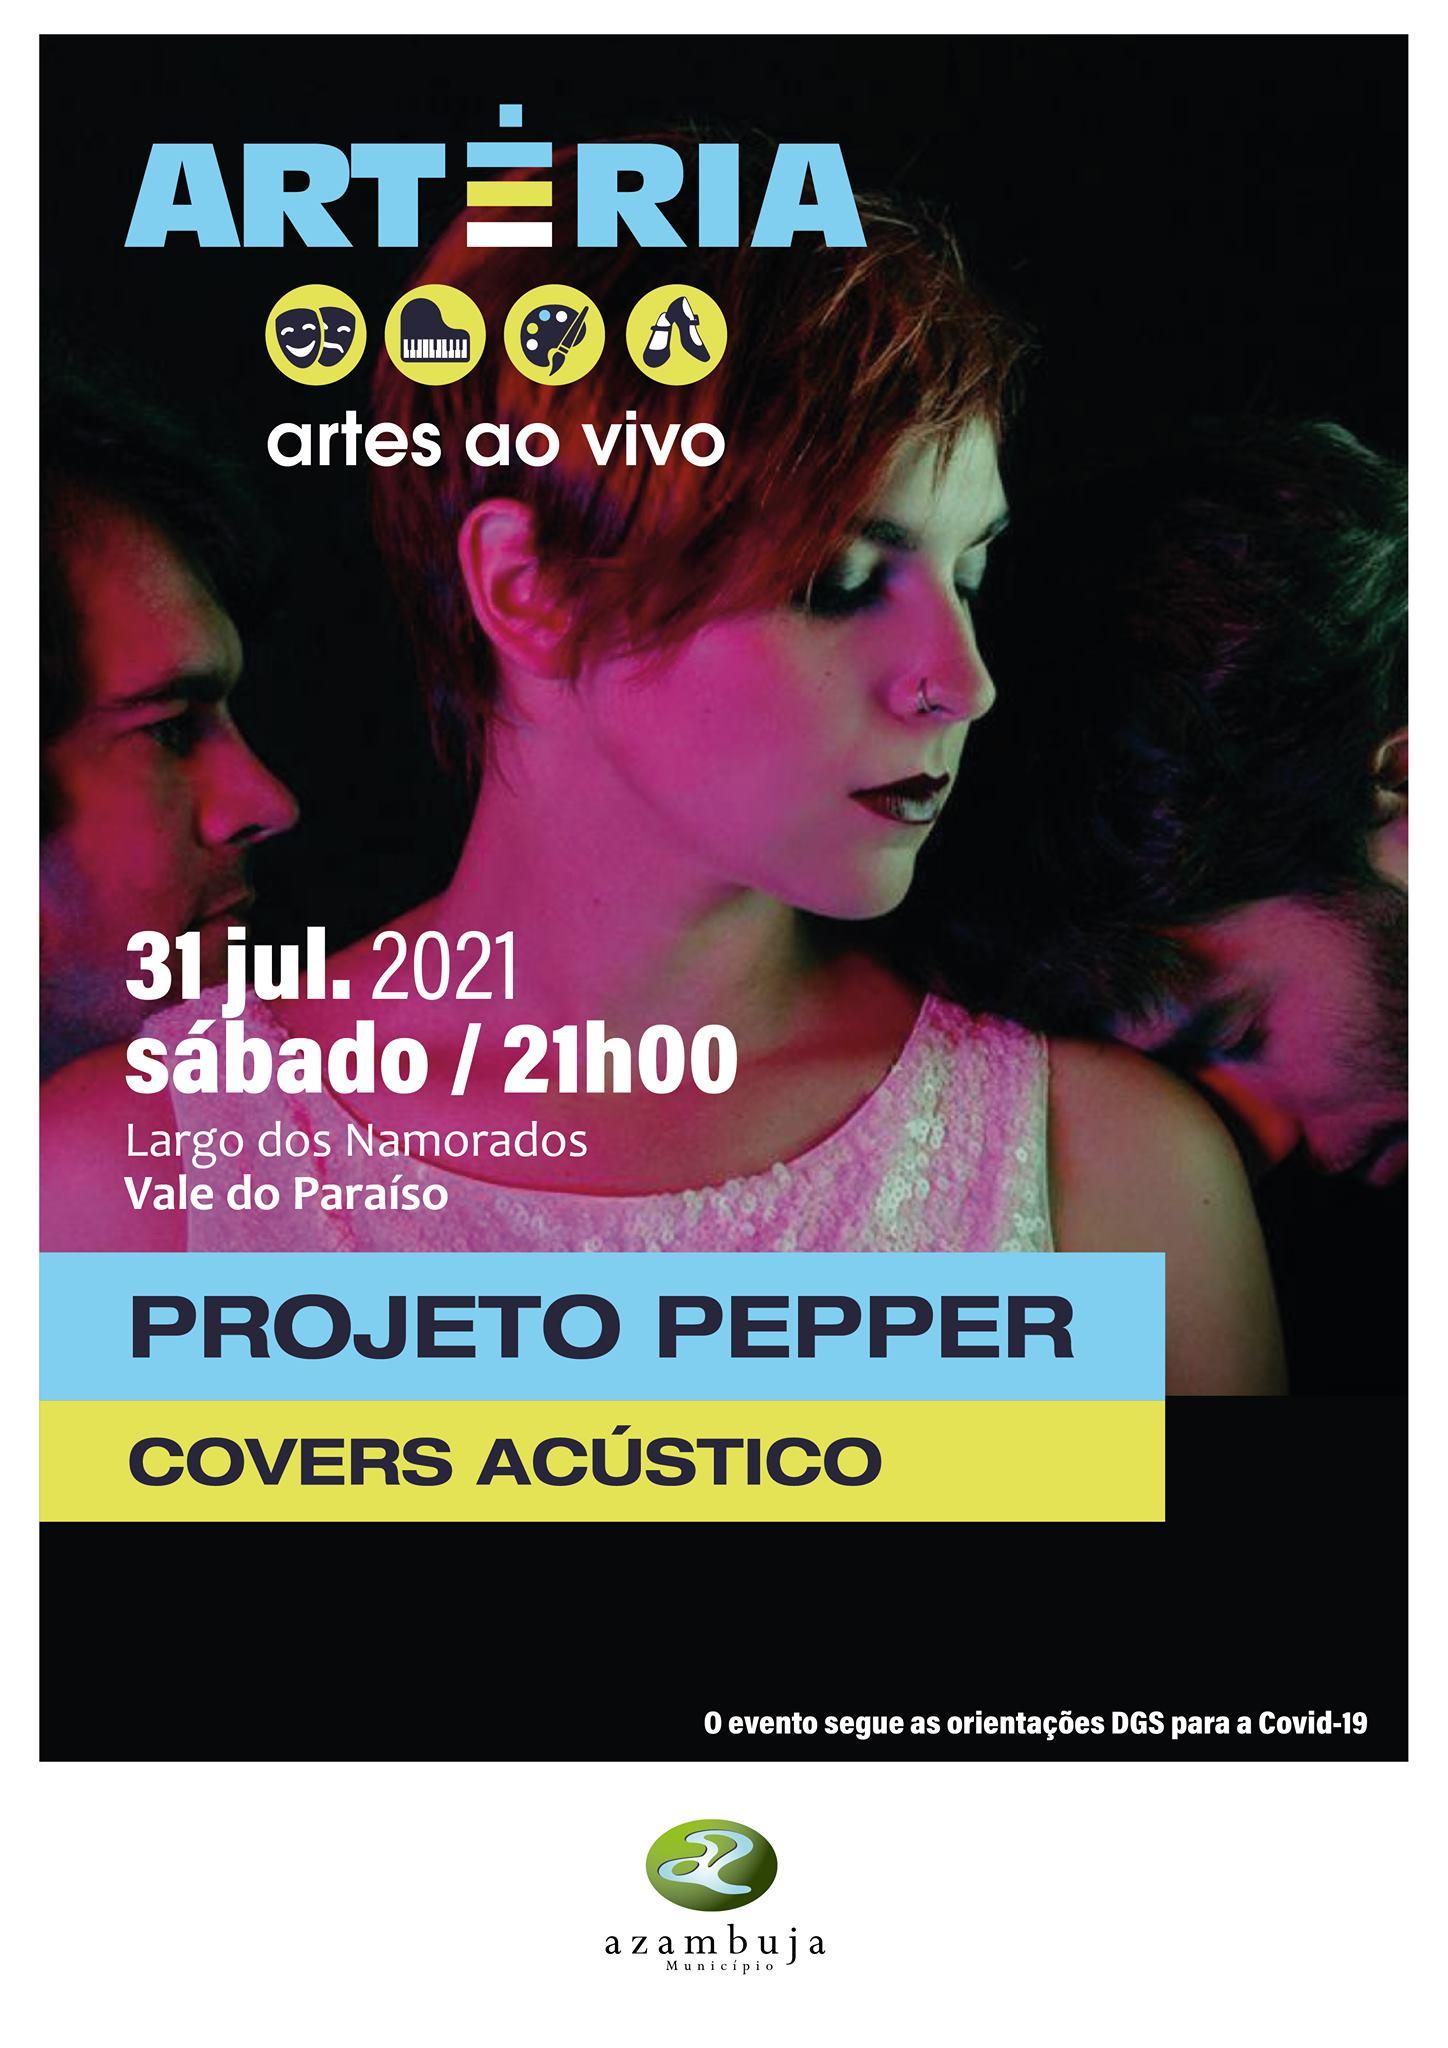 Programa 'Artéria - Artes ao Vivo' - Projeto Pepper - Covers Acústico